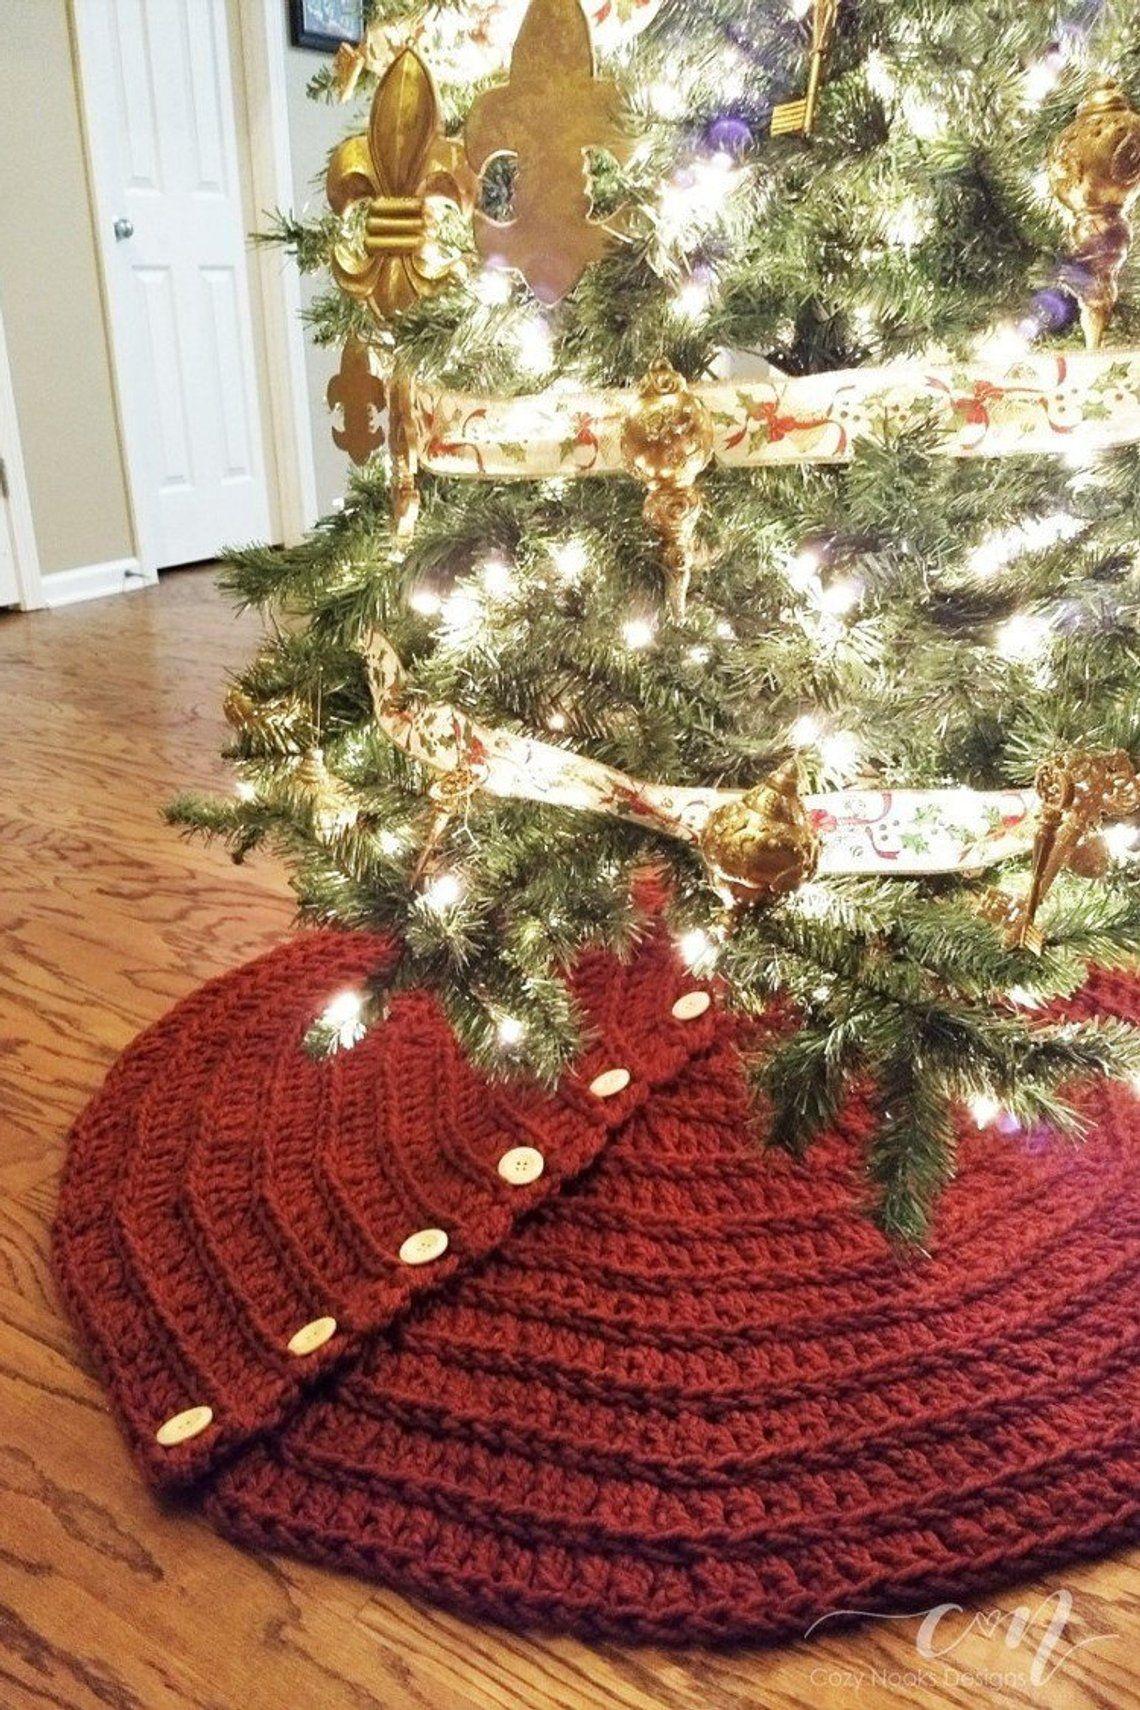 Farmhouse Christmas Tree Skirt Crochet Pattern Farmhouse Etsy Christmas Tree Skirt Crochet Pattern Christmas Tree Skirts Patterns Diy Christmas Tree Skirt